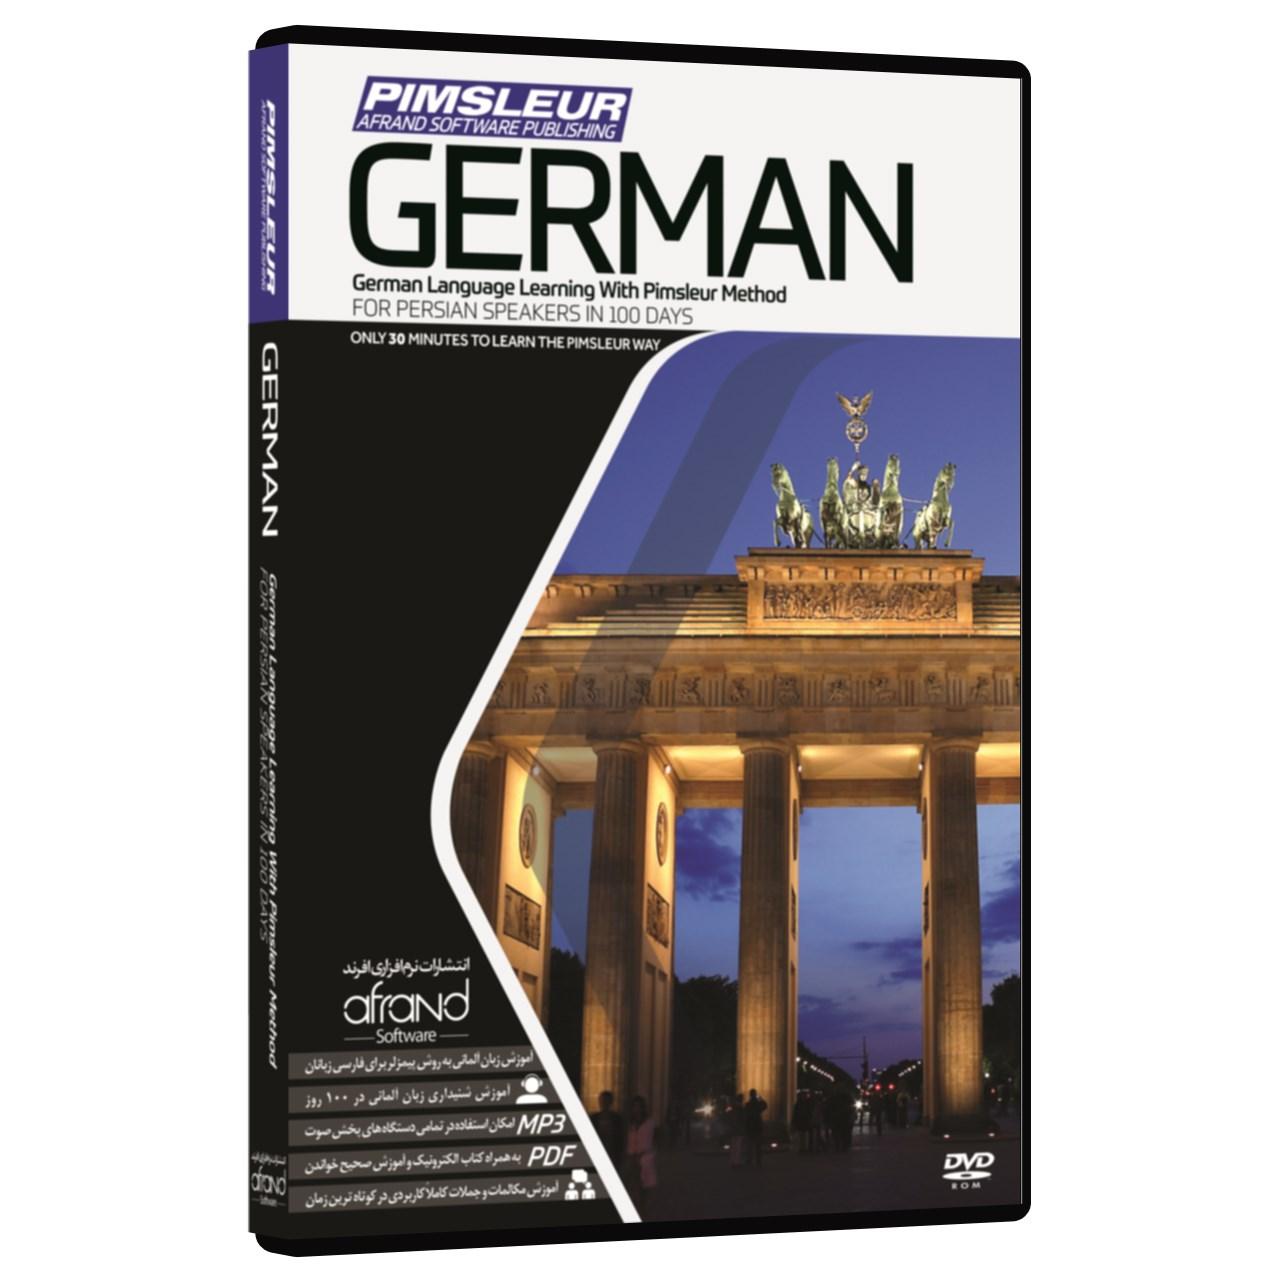 نرم افزار صوتی آموزش زبان آلمانی پیمزلِر انتشارات نرم افزاری افرند